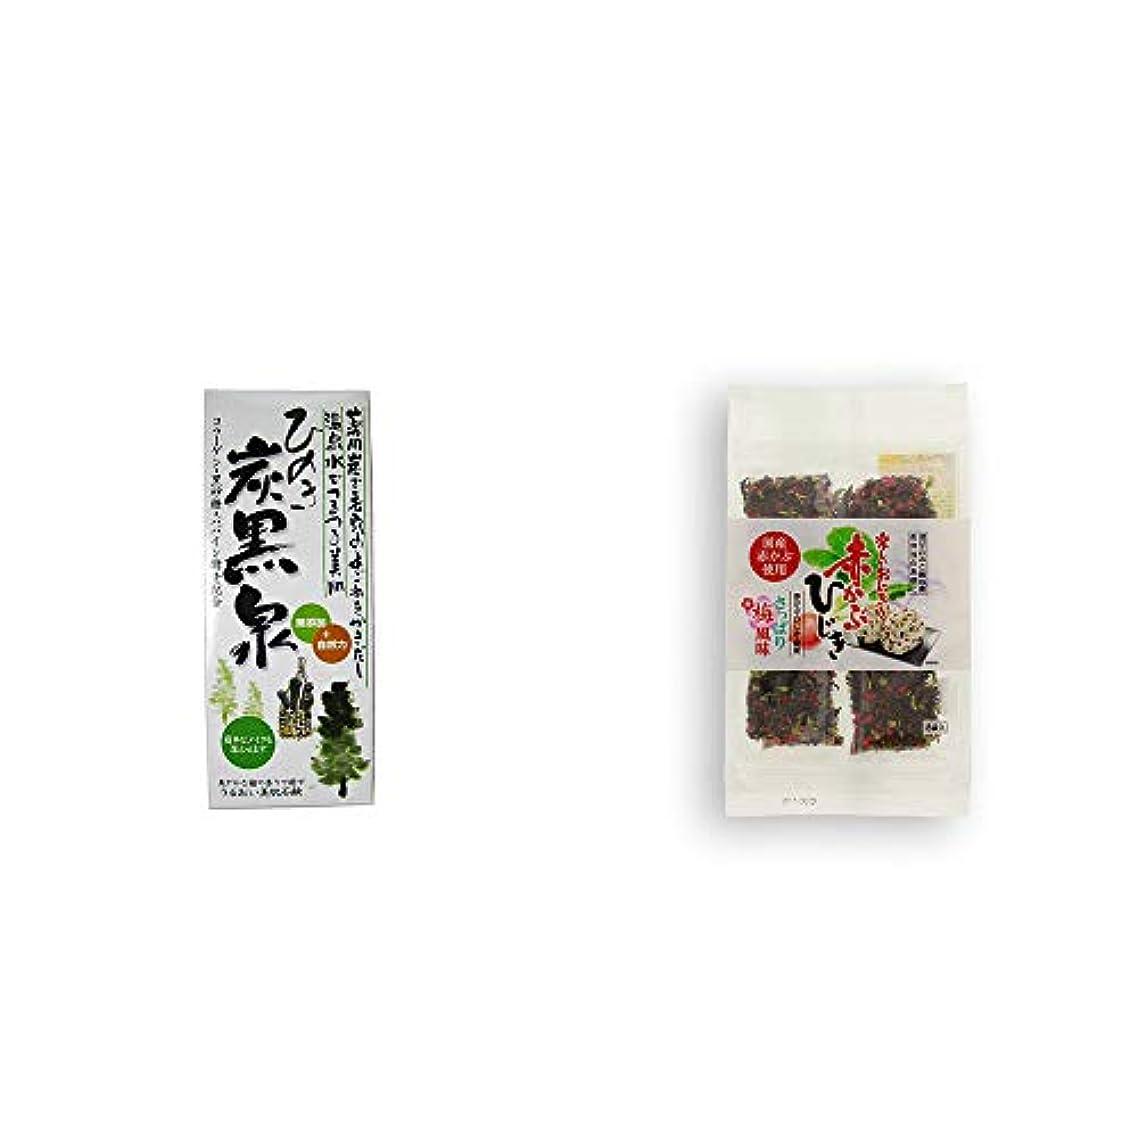 明らかに土器吸収剤[2点セット] ひのき炭黒泉 箱入り(75g×3)?楽しいおにぎり 赤かぶひじき(8g×8袋)